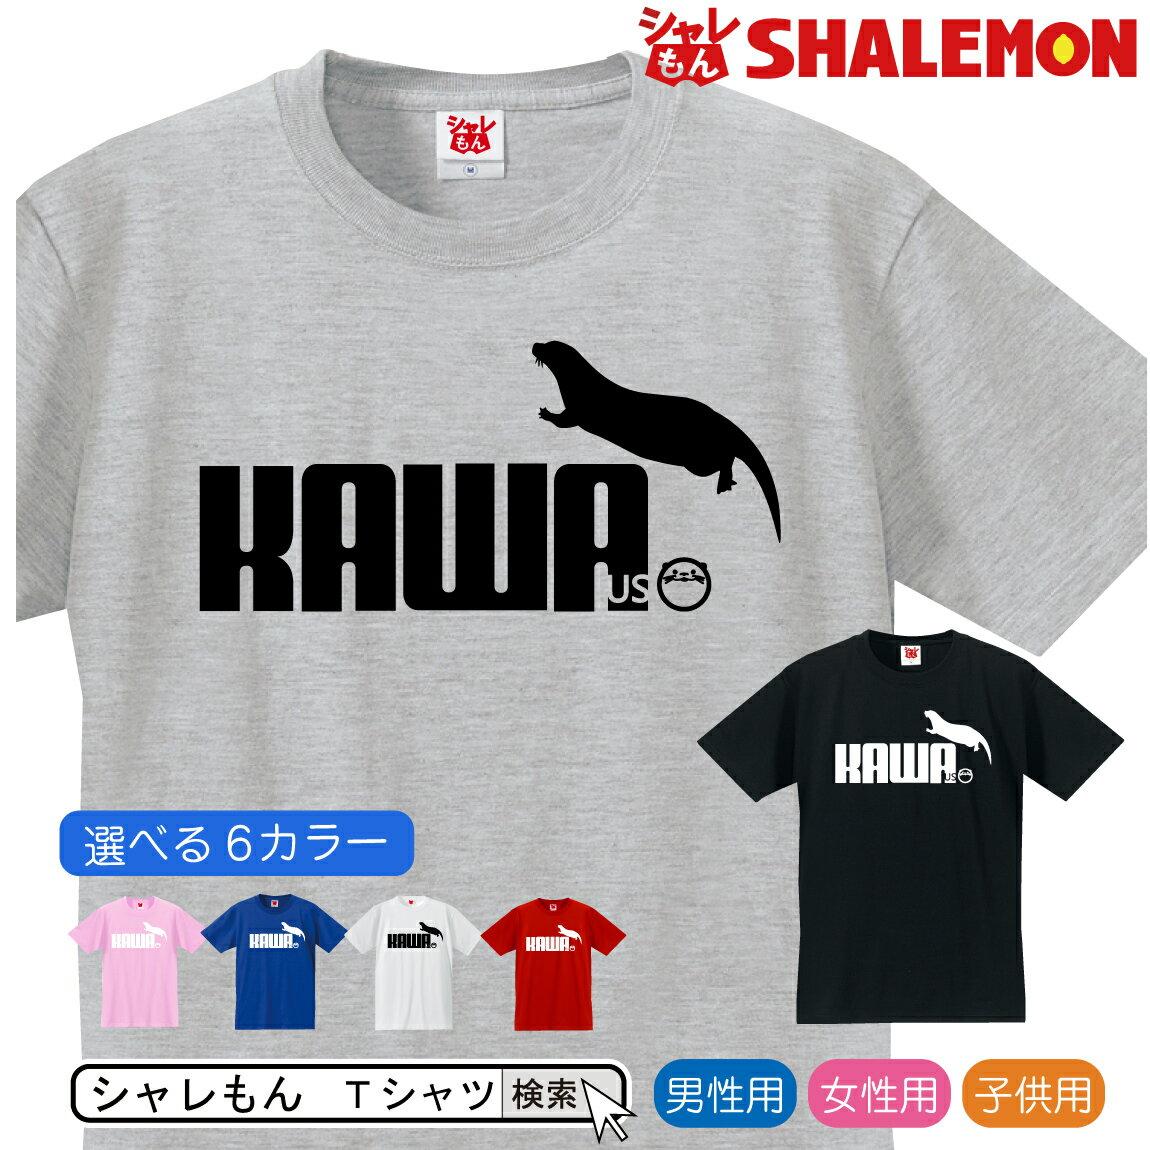 おもしろ Tシャツ【 カワウソ 選べる6色】雑貨 メンズ レディース キッズ 服 かわうそ グッズ Tシャツ